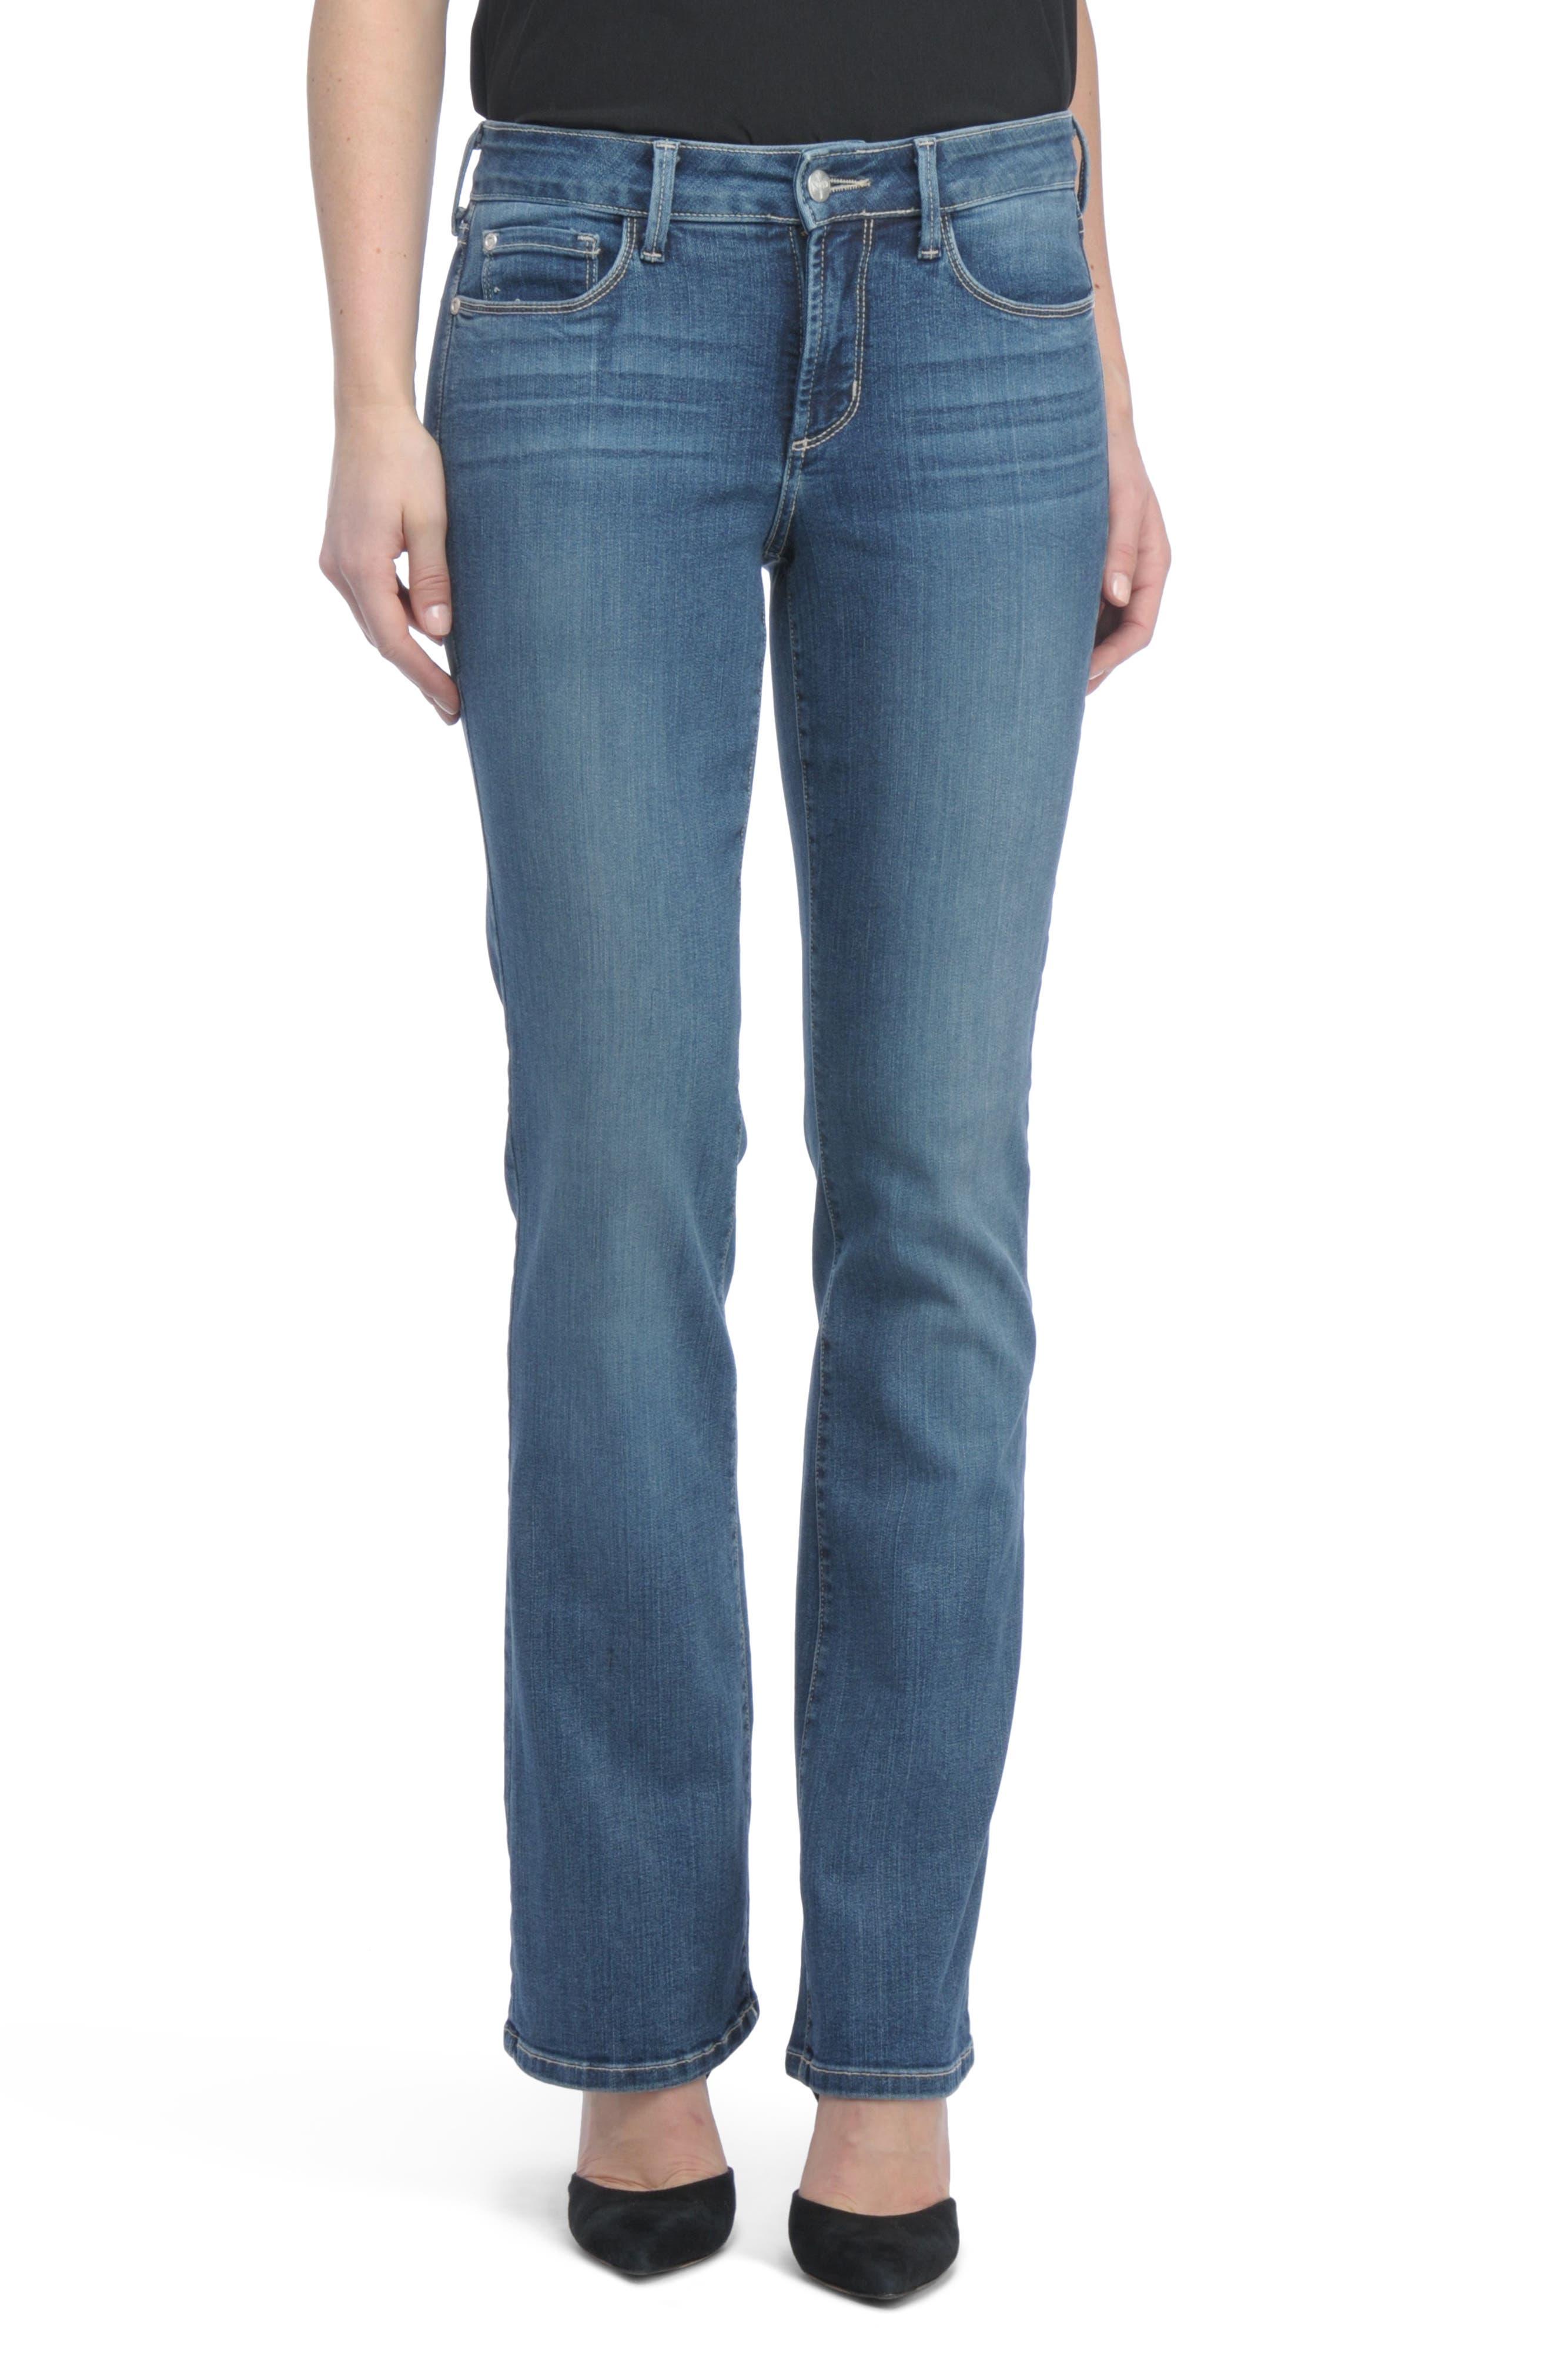 Barbara Bootcut Short Jeans,                             Main thumbnail 1, color,